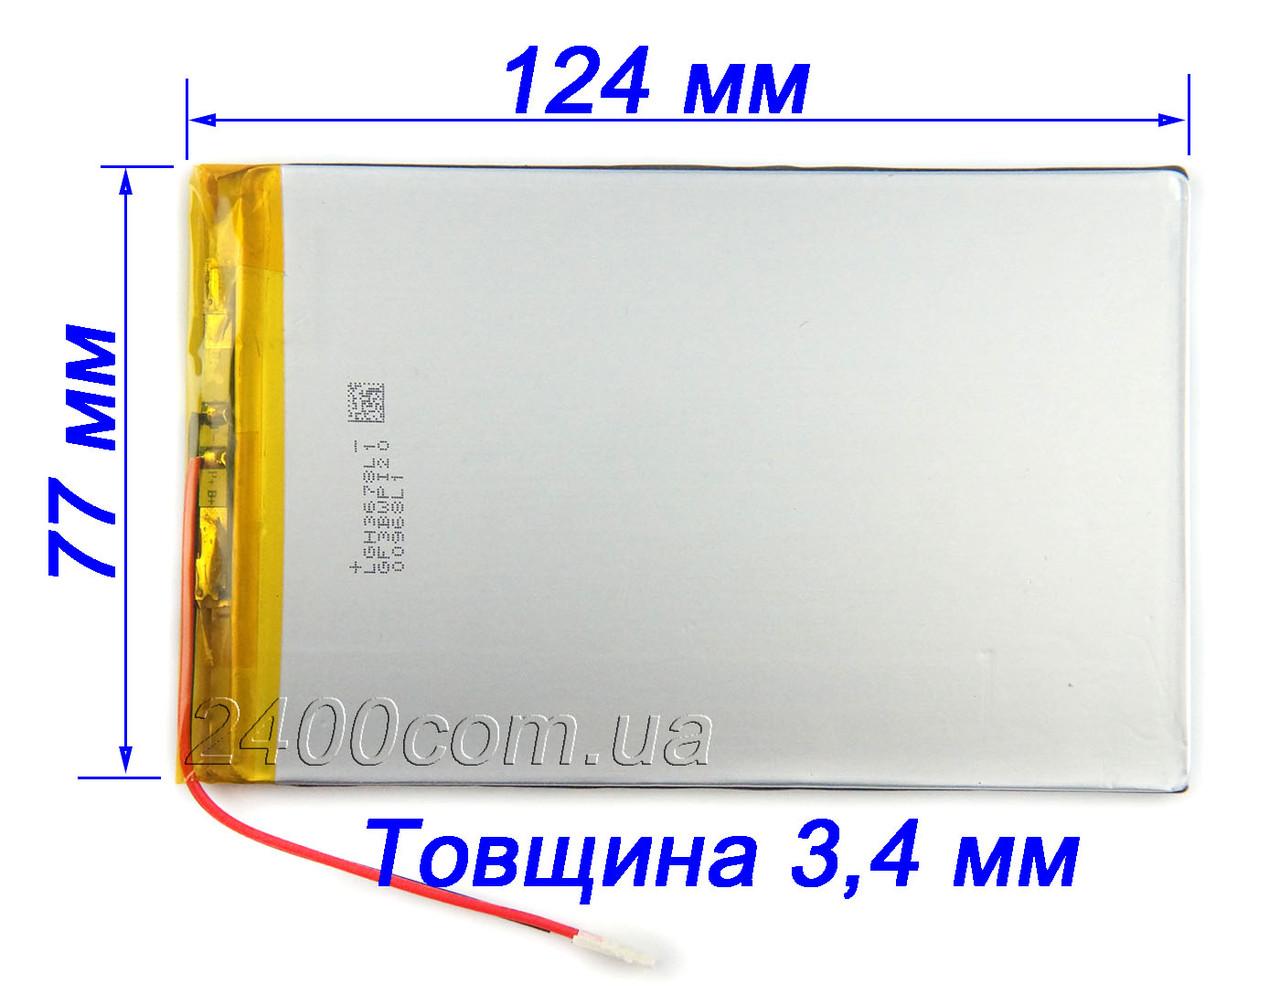 Аккумулятор 5500мАч 3.7в 3477125 мм для планшетов, универсальный 5500mAh 3.7v 3.4*77*125